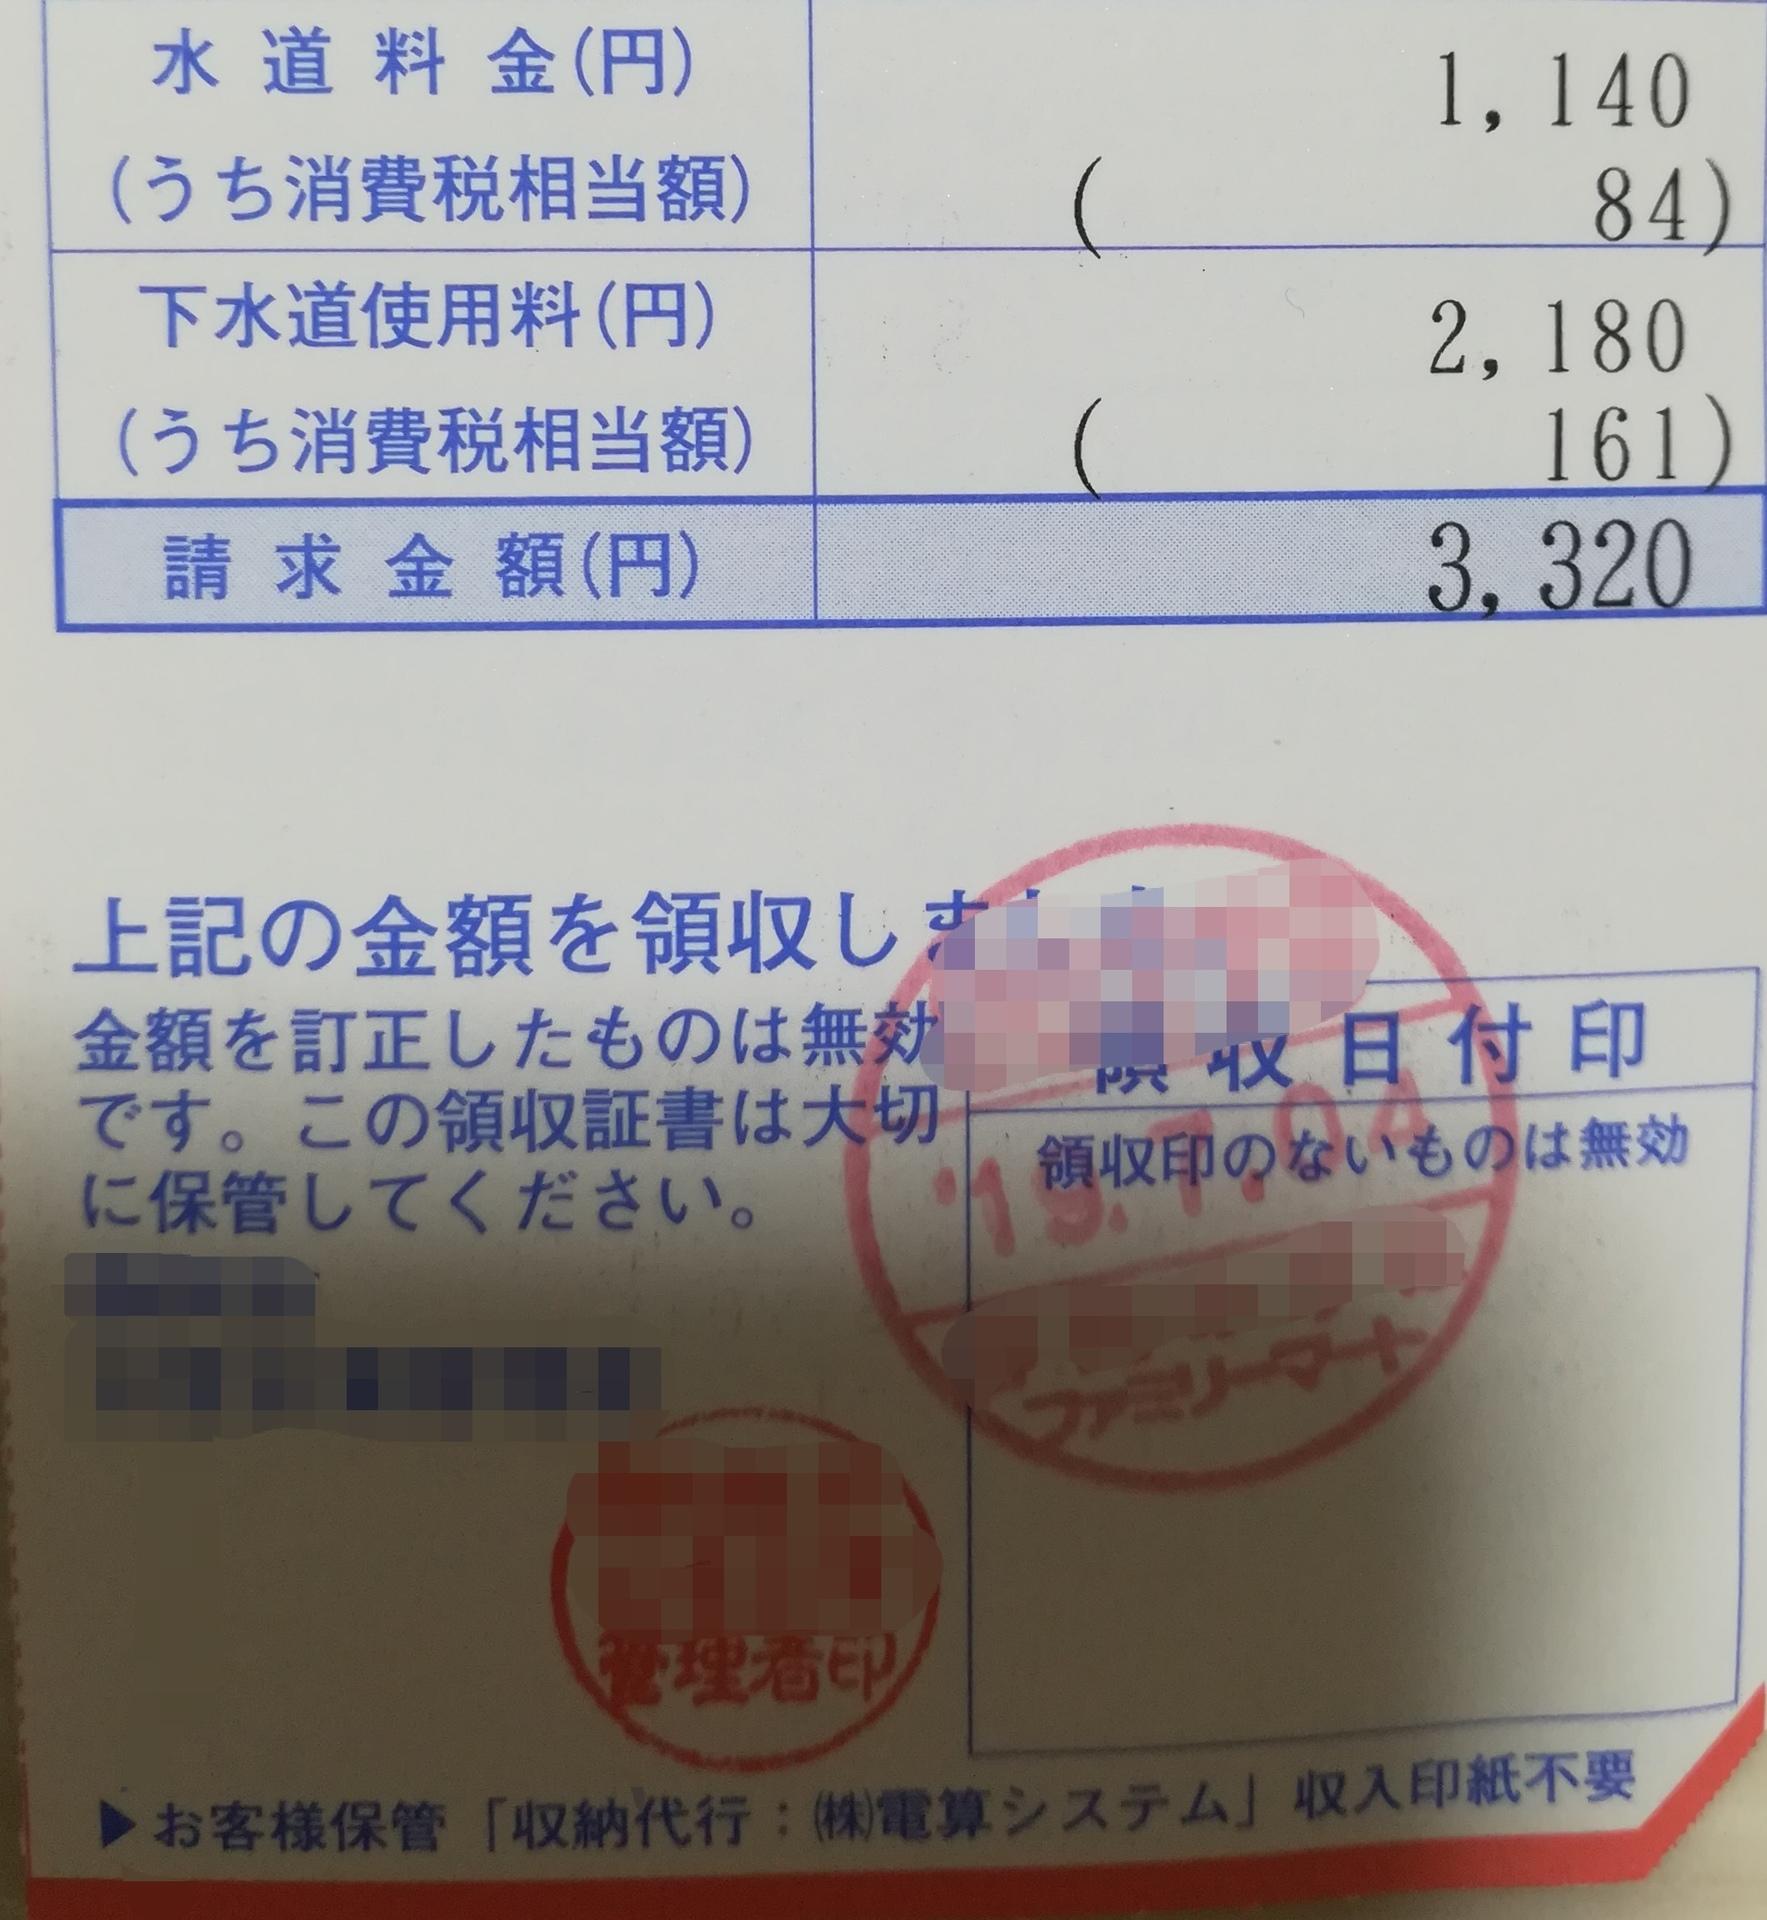 ファミペイ 自動車 税 ファミペイで税金の支払いができると話題に!支払い方法やどうお得か...